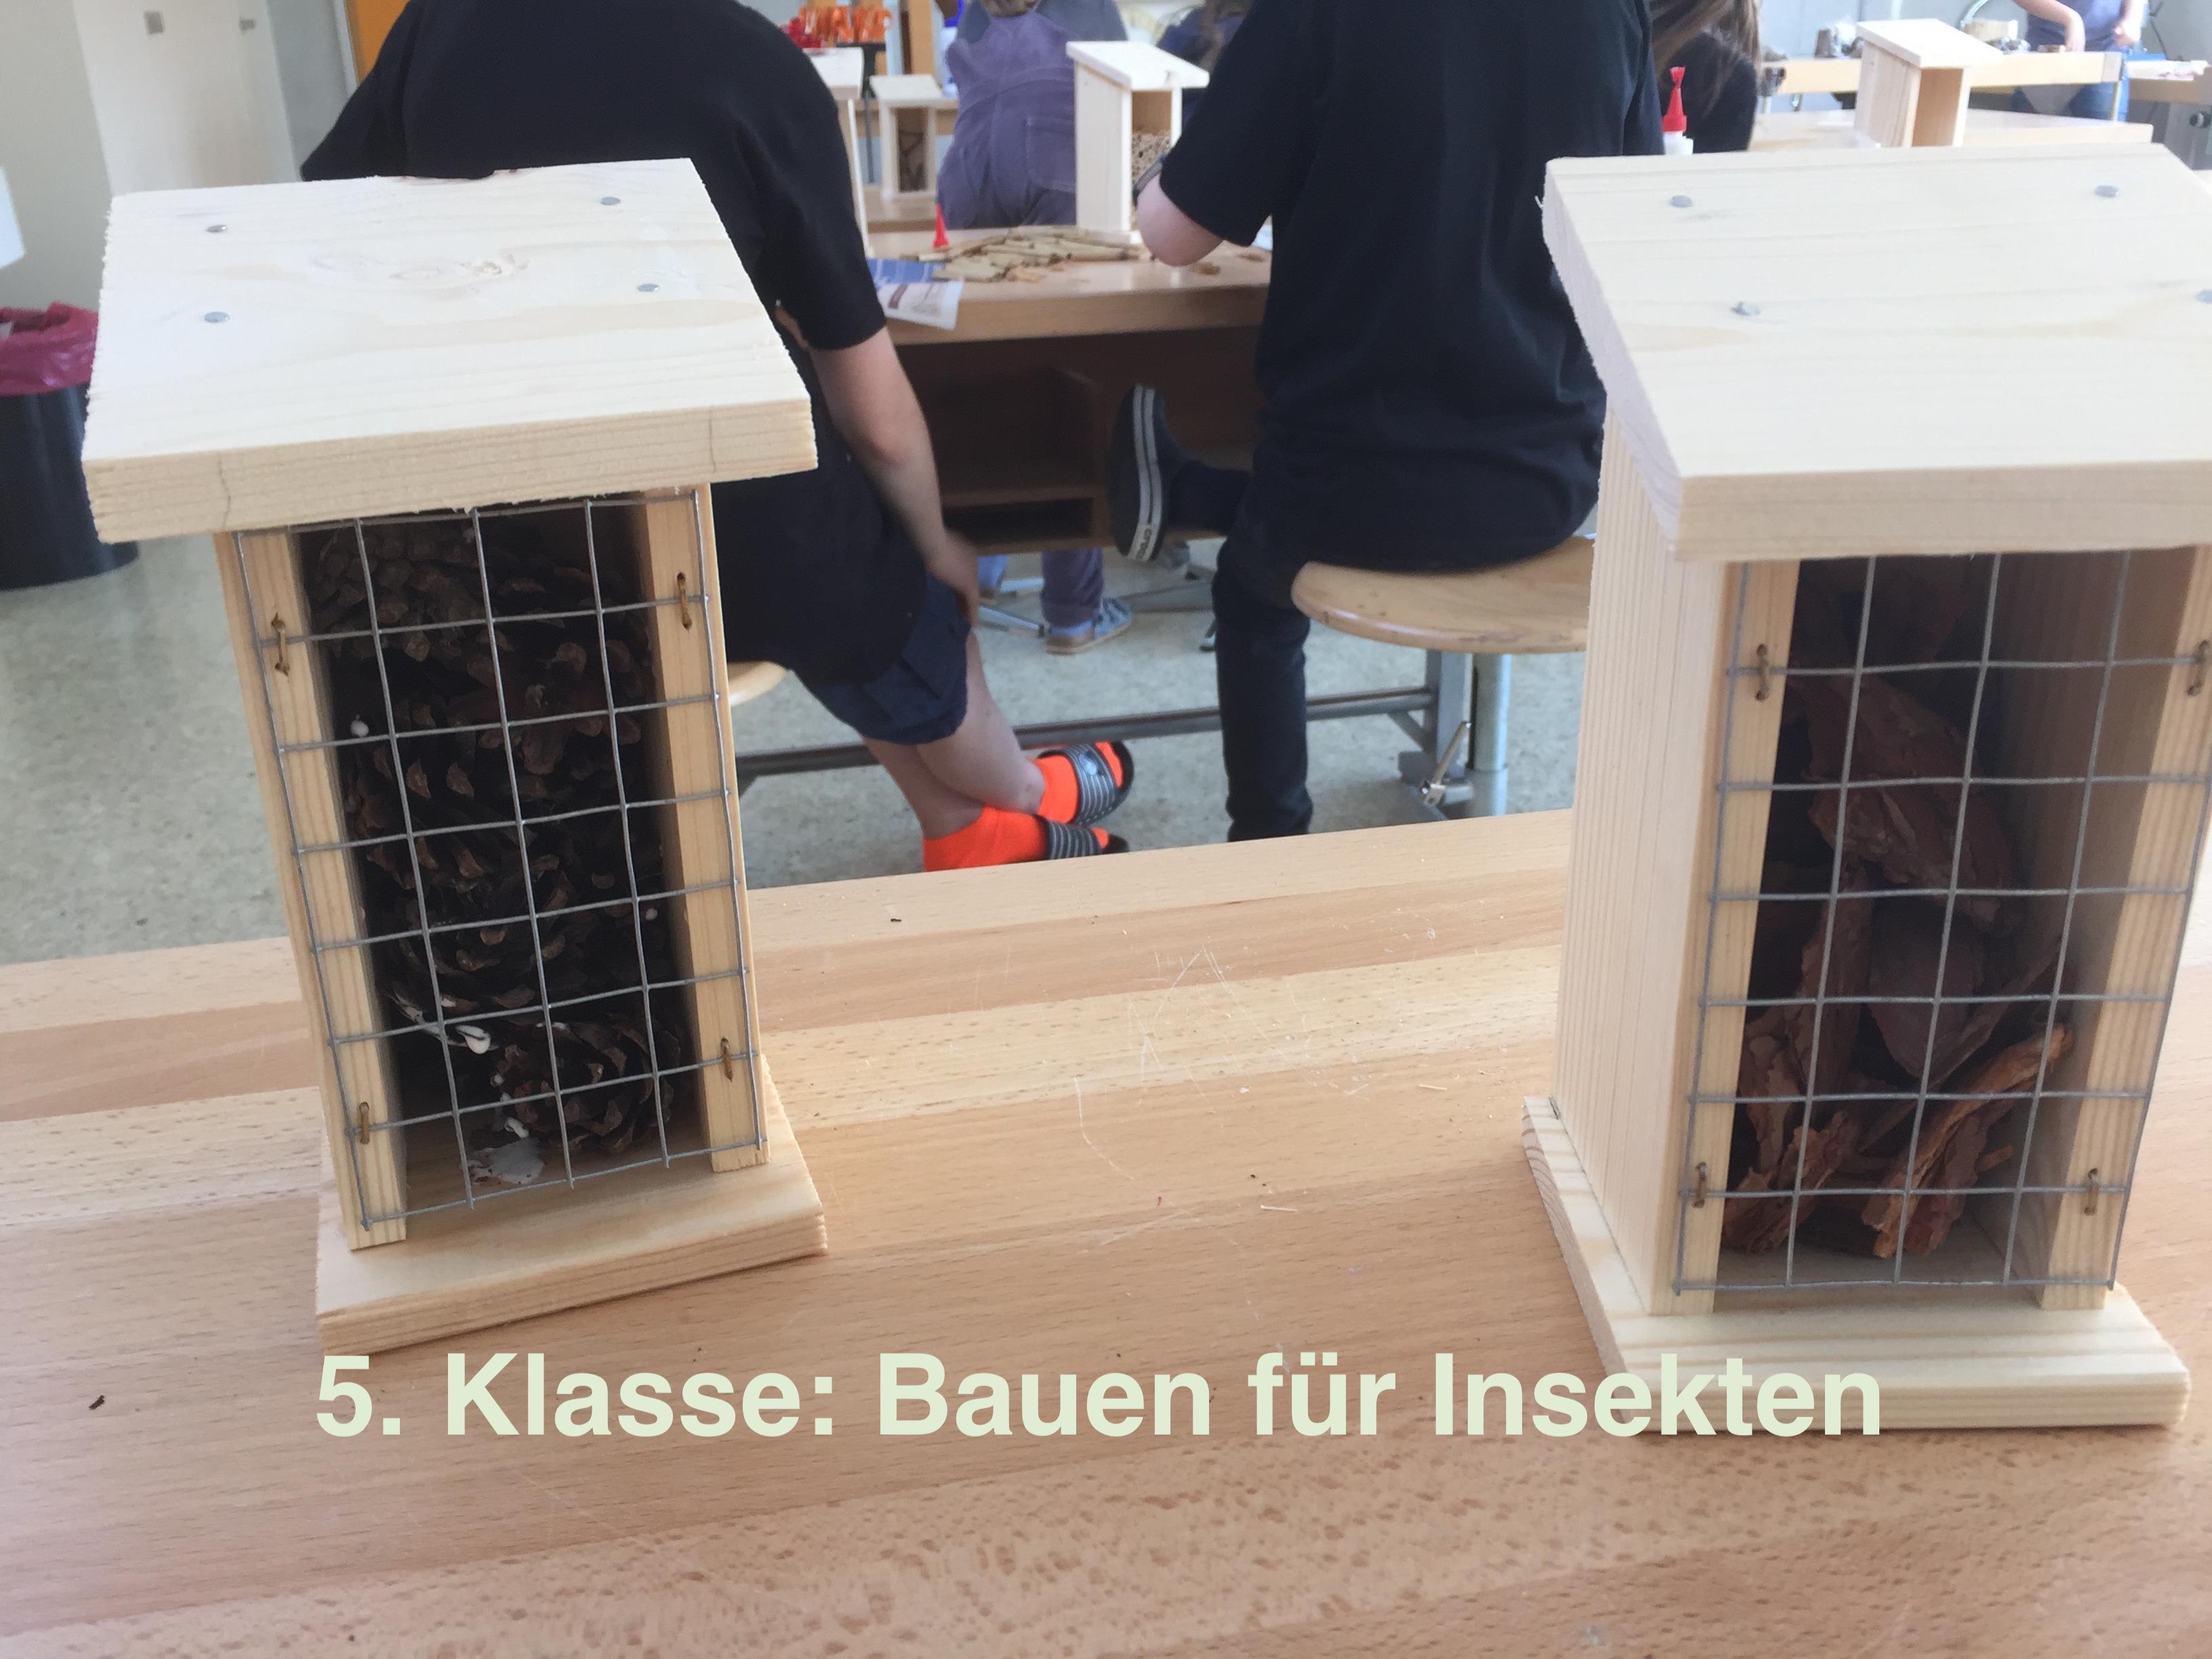 https://primarschule-steinmaur.ch/wp-content/uploads/2019/04/I_01-Copy.jpg